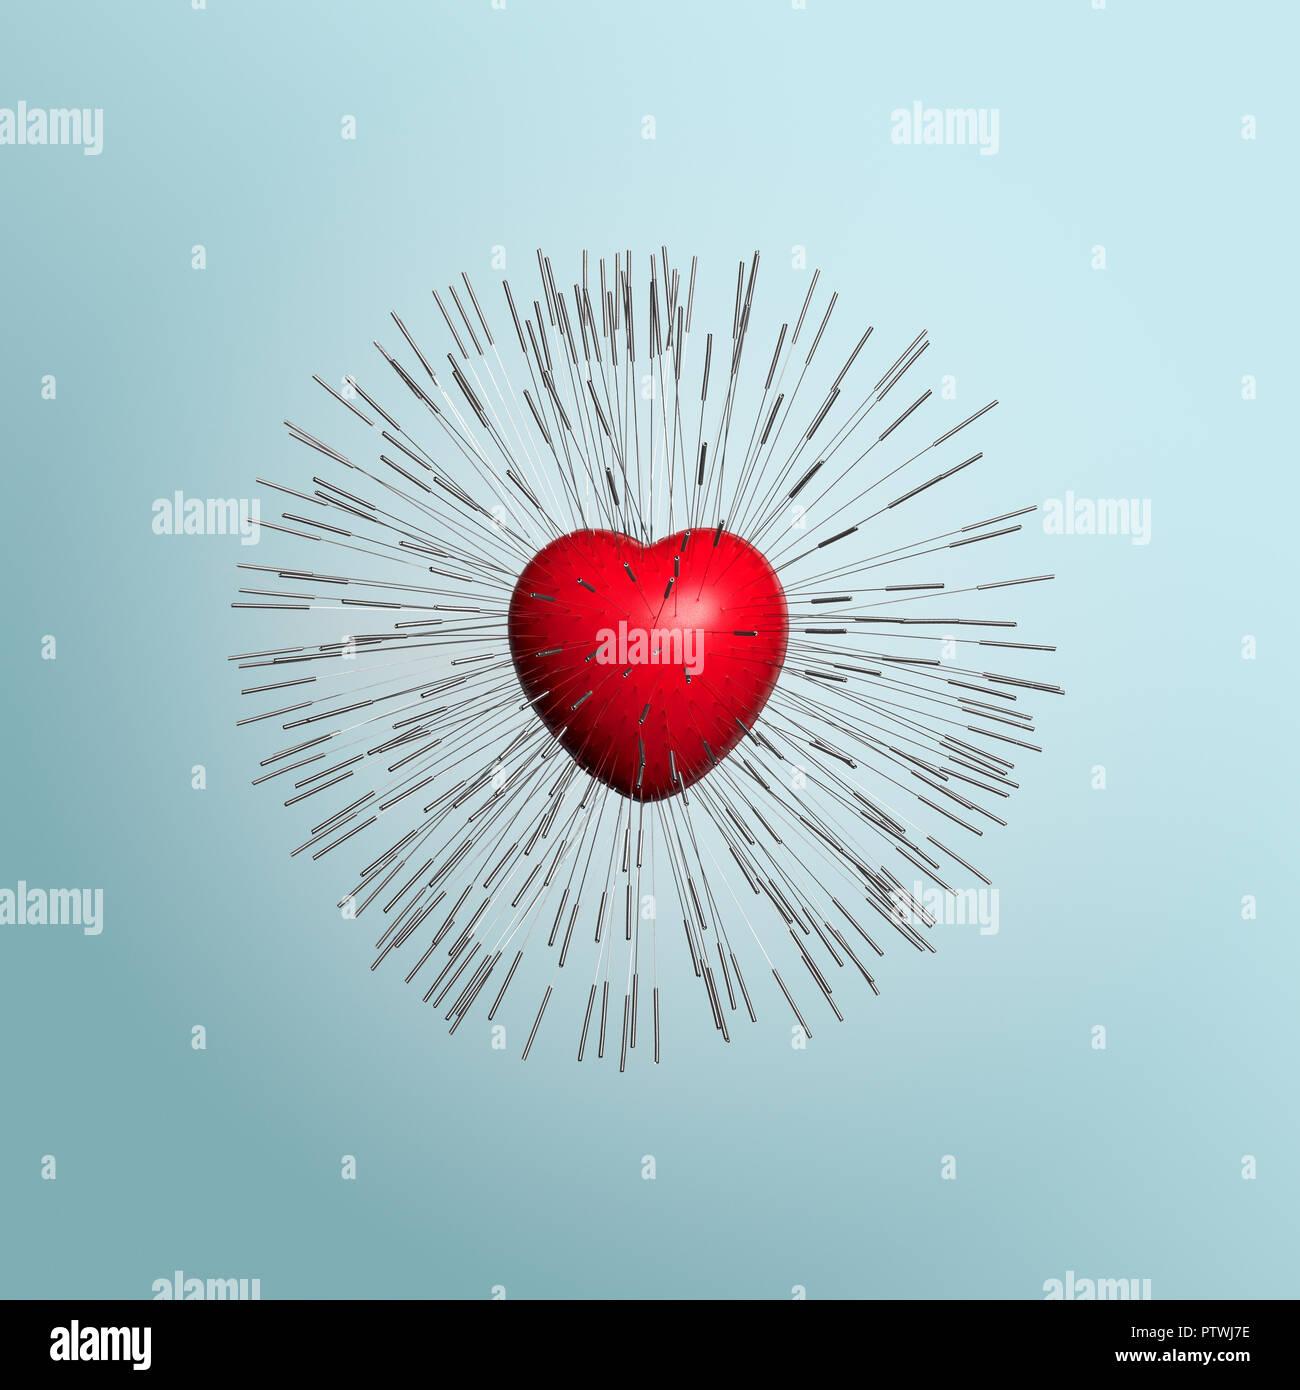 Rotes Herz Form mit Akupunktur Nadeln gesteckt Stockbild